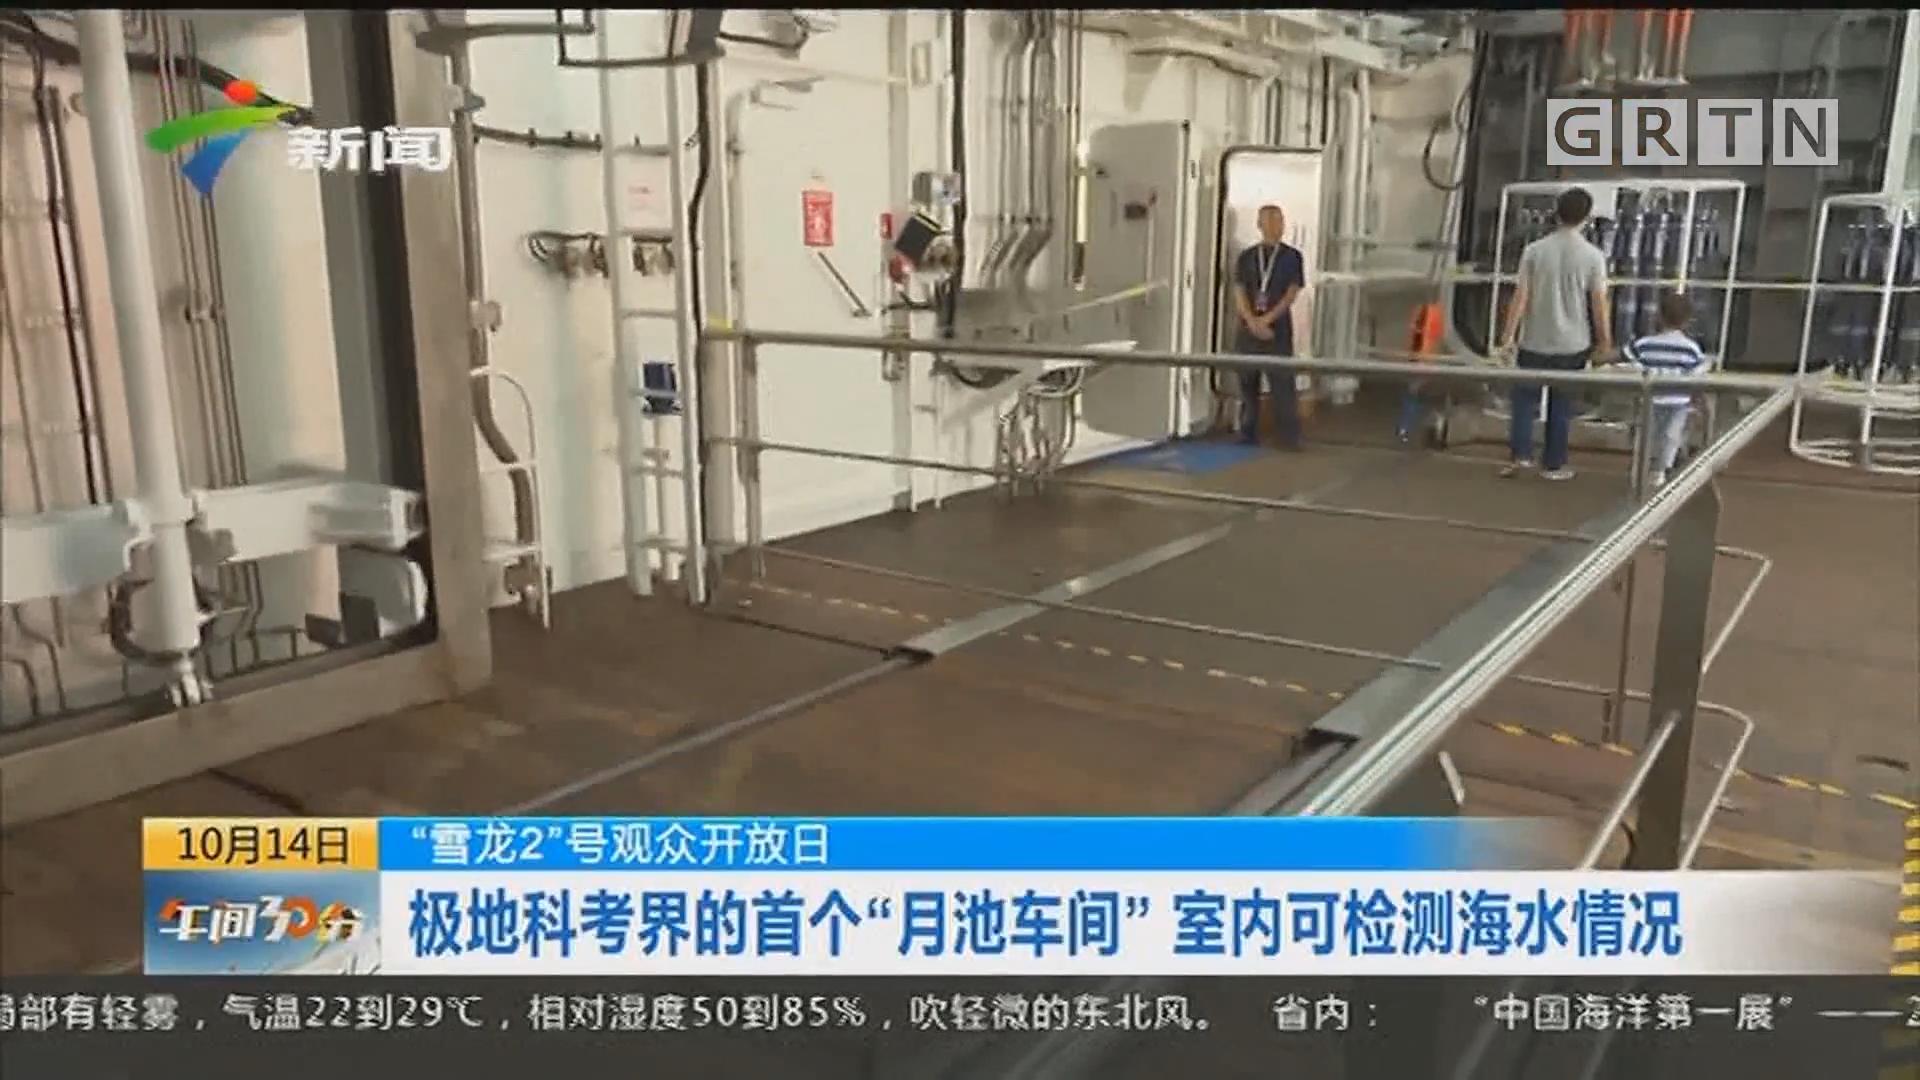 """""""雪龙2""""号观众开放日:极地科考界的首个""""月池车间""""室内可检测海水情况"""